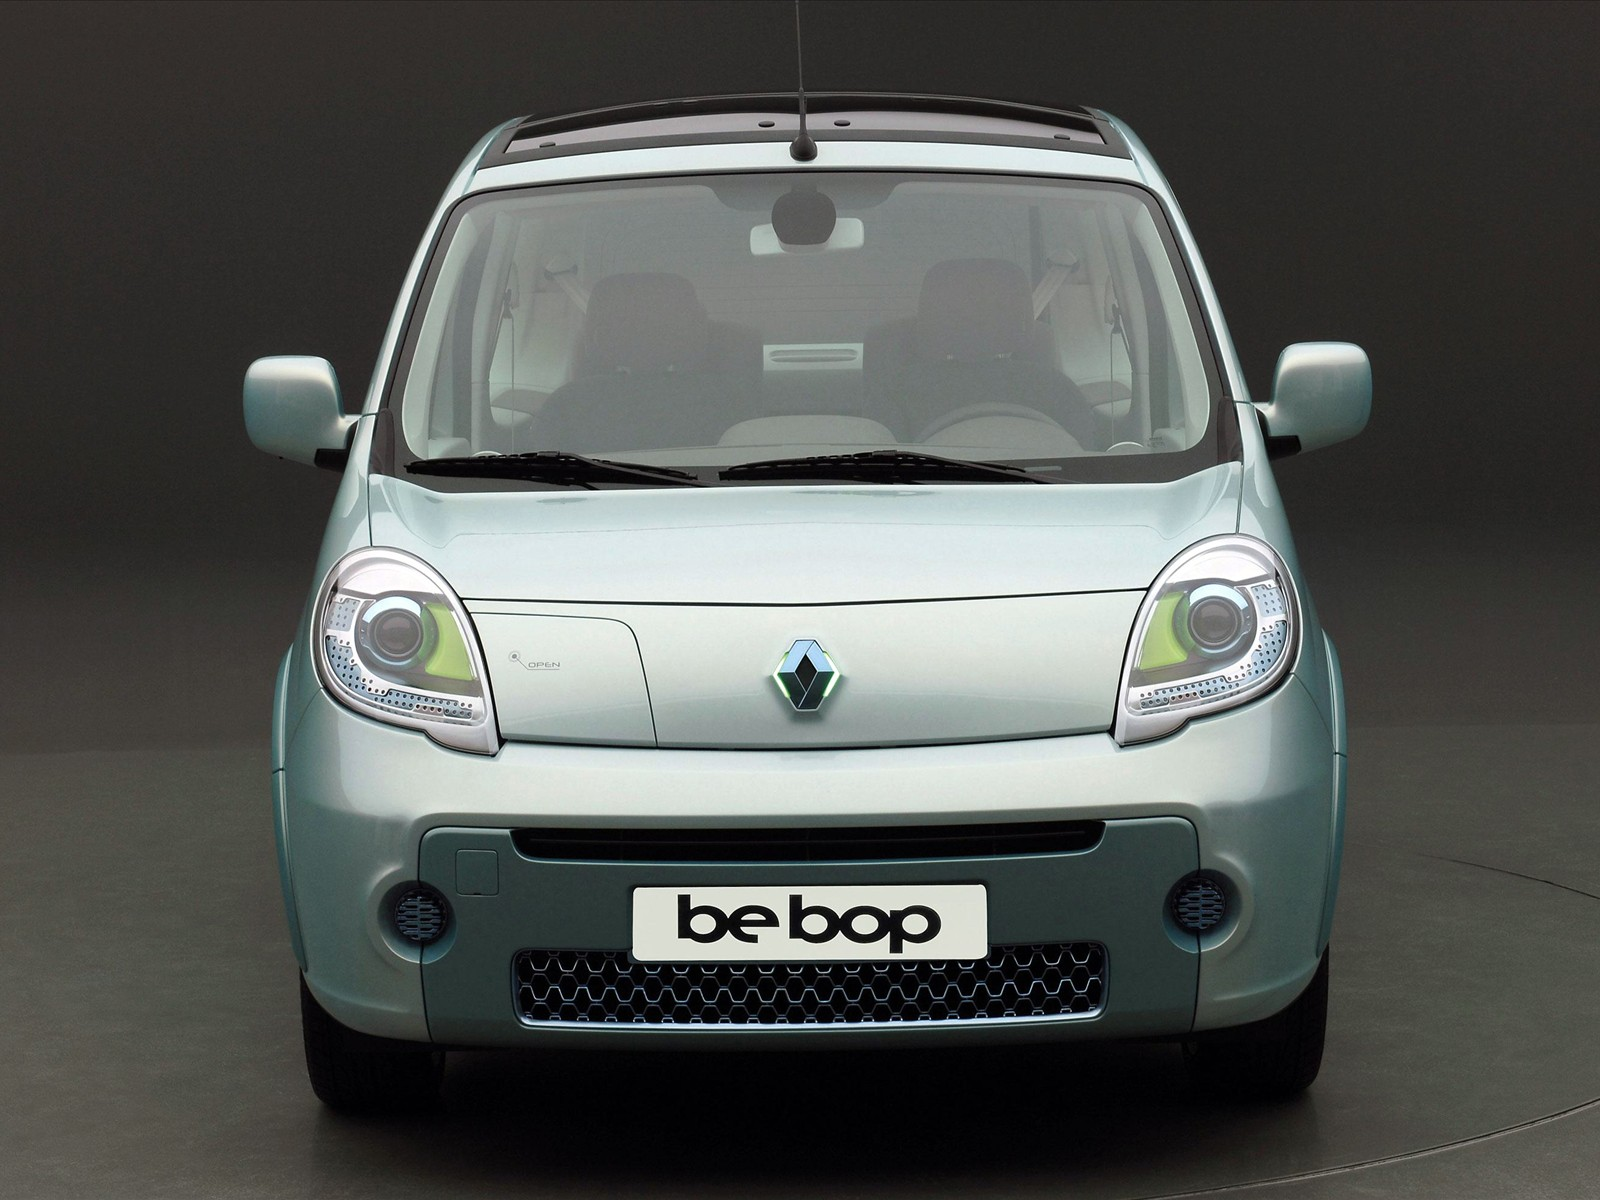 car pictures renault kangoo be bop z e 2010. Black Bedroom Furniture Sets. Home Design Ideas